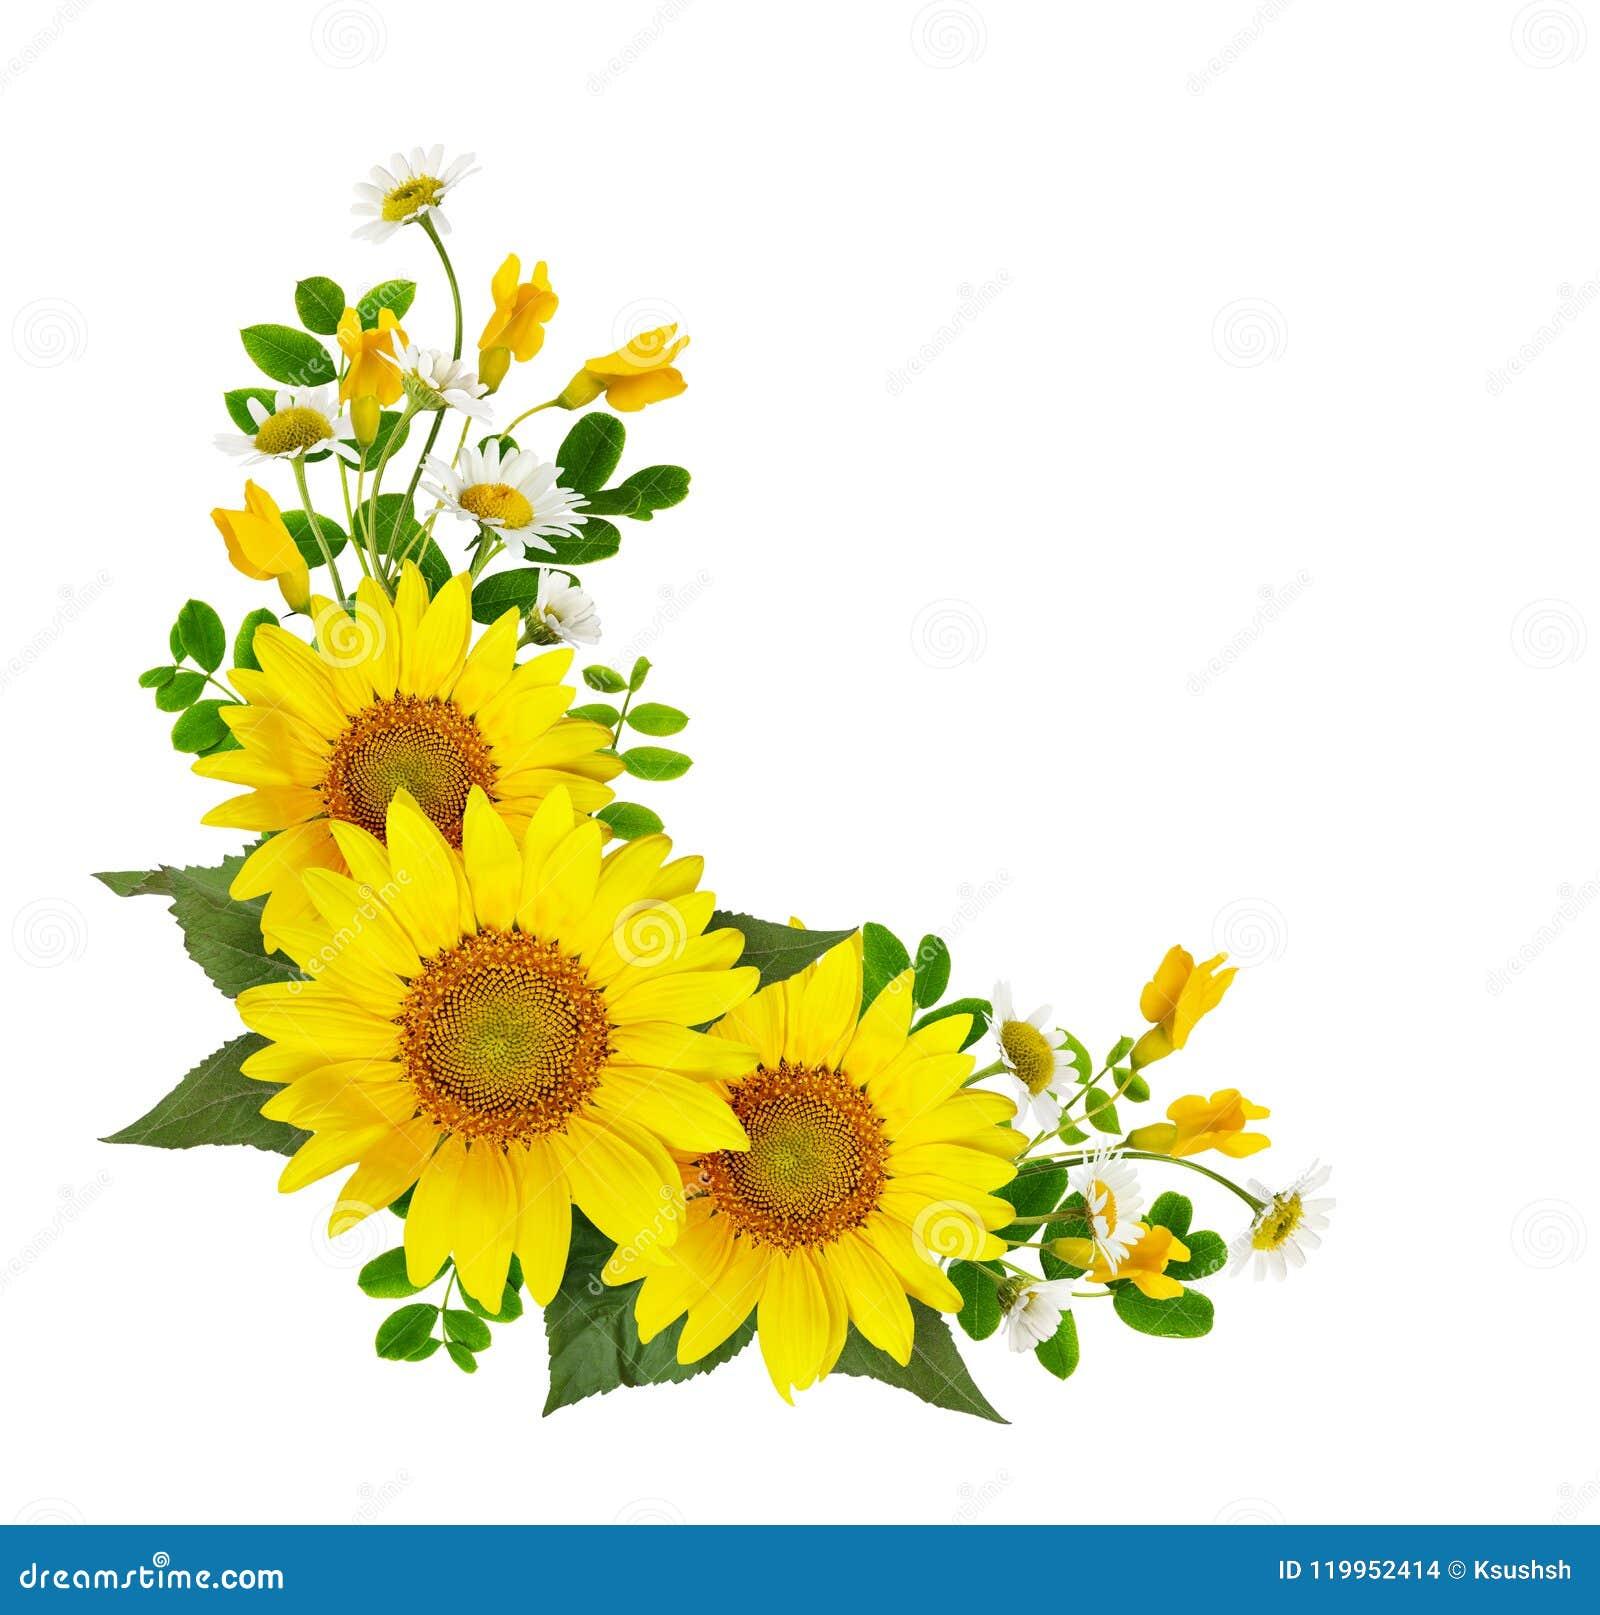 Słoneczniki, stokrotki, akacja kwiaty i zieleń liście w cor,